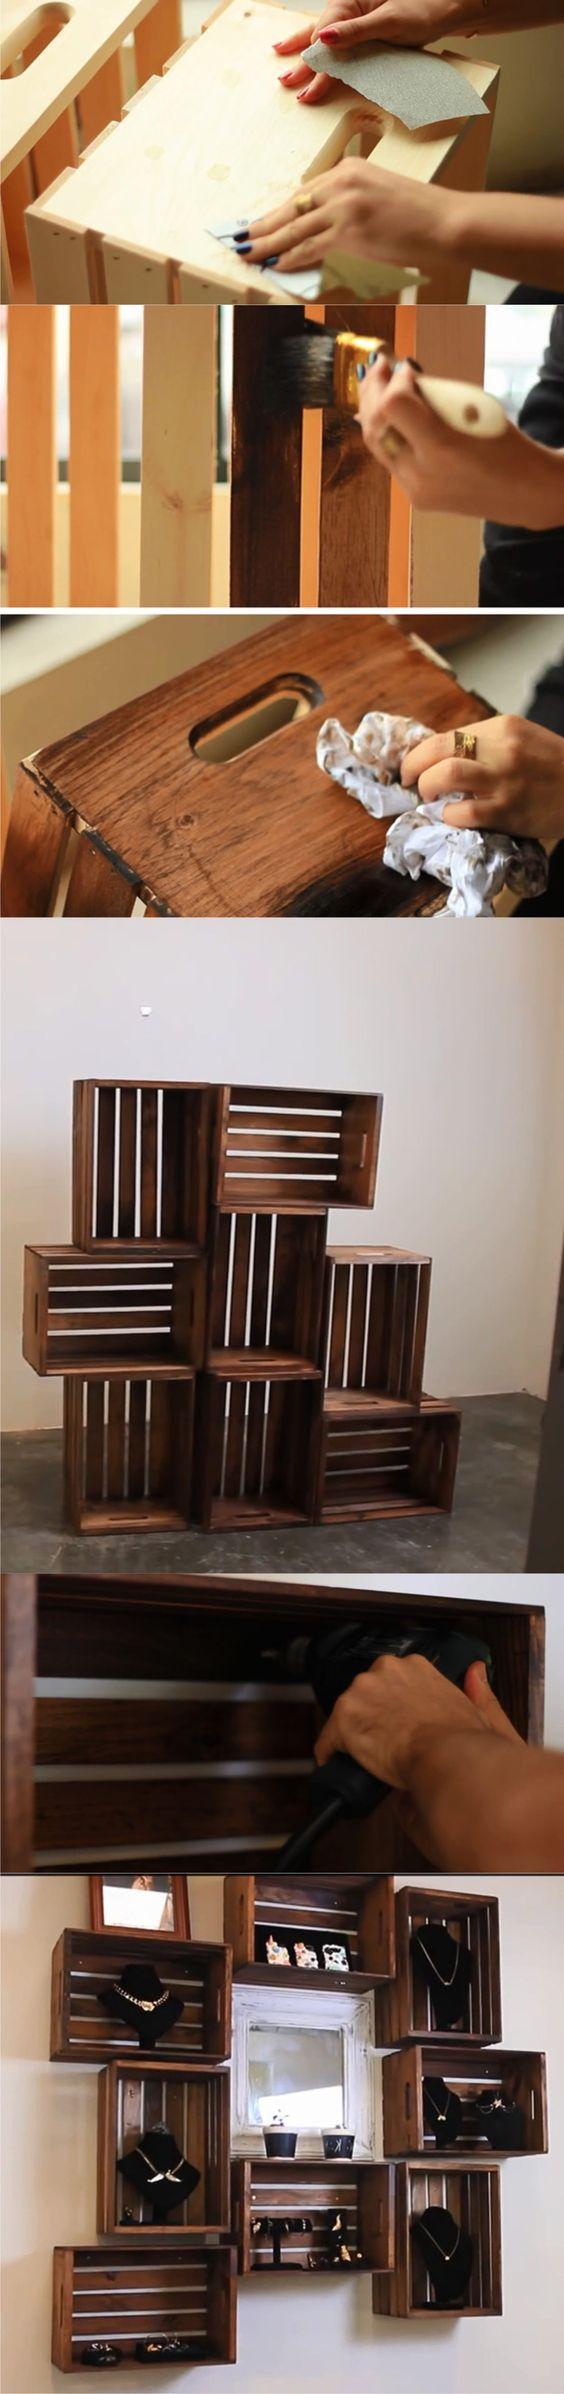 Estanter a con cajas de madera diy and crafts - Estanteria cajas madera ...